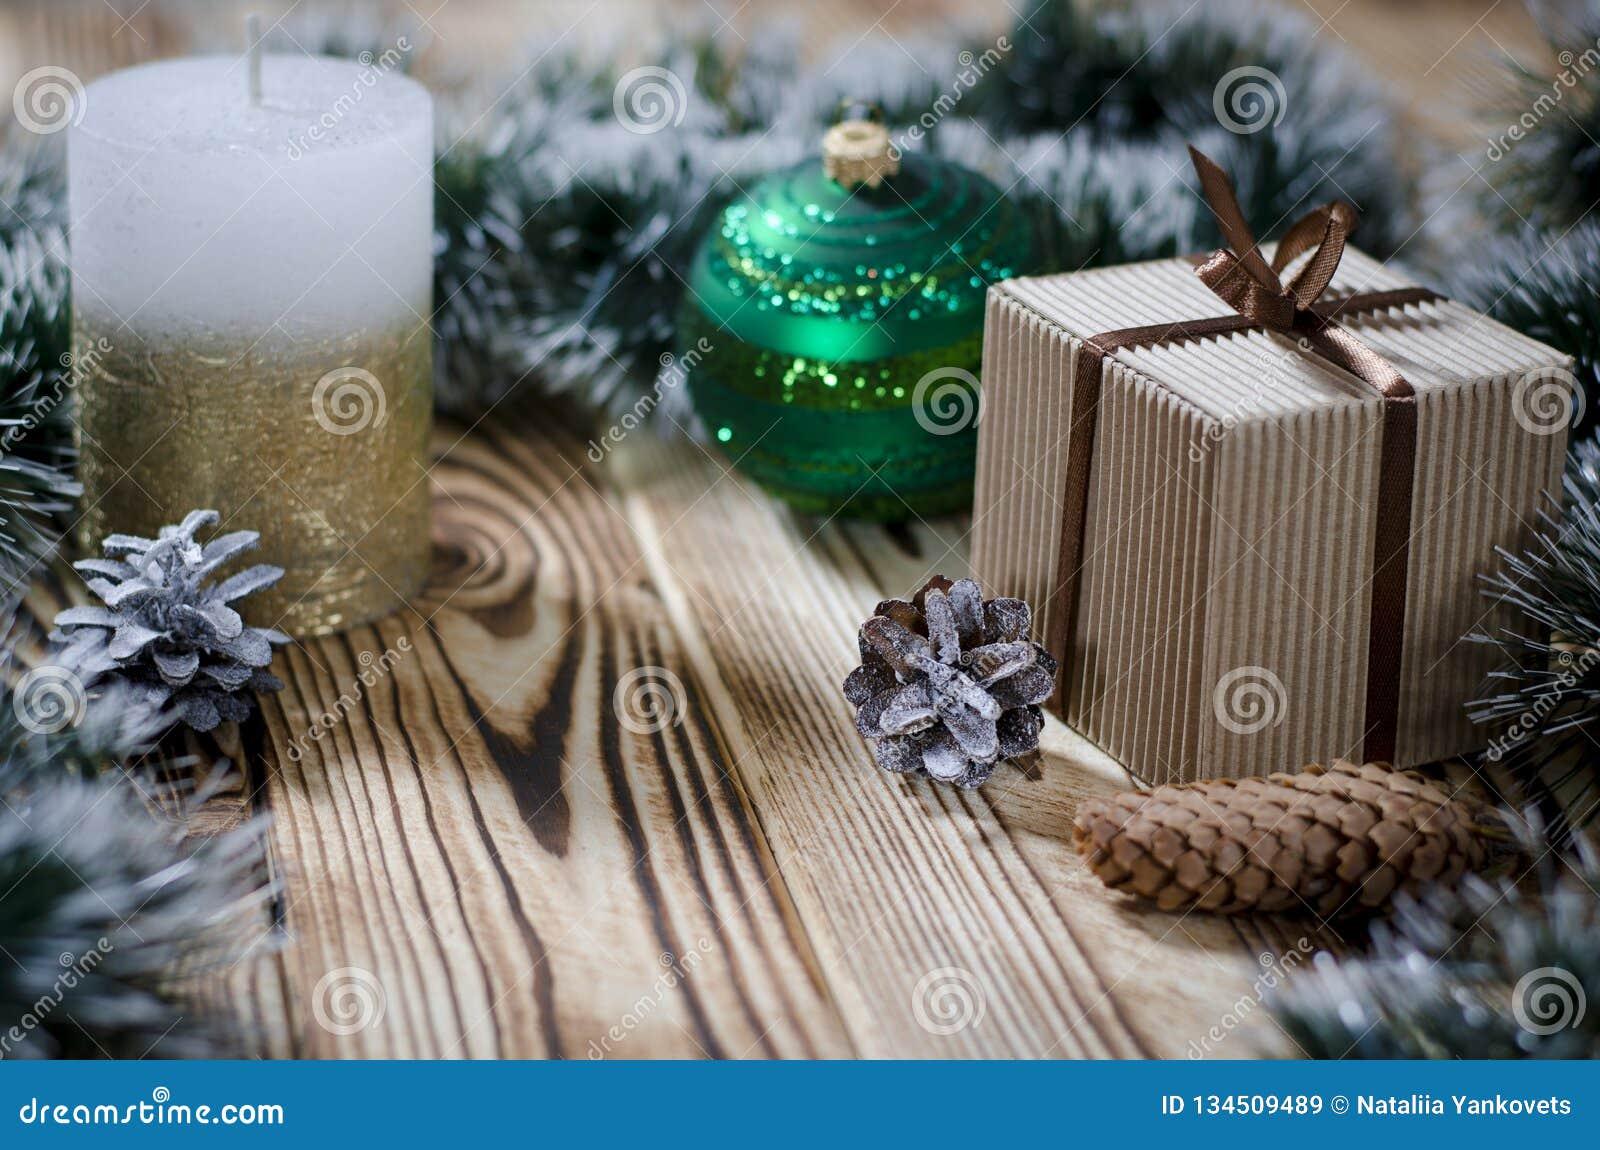 Ein Geschenk legt auf einen Holztisch nahe bei einer Kerze, Kegeln und einem Engel vor dem hintergrund der Weihnachtsdekorationen